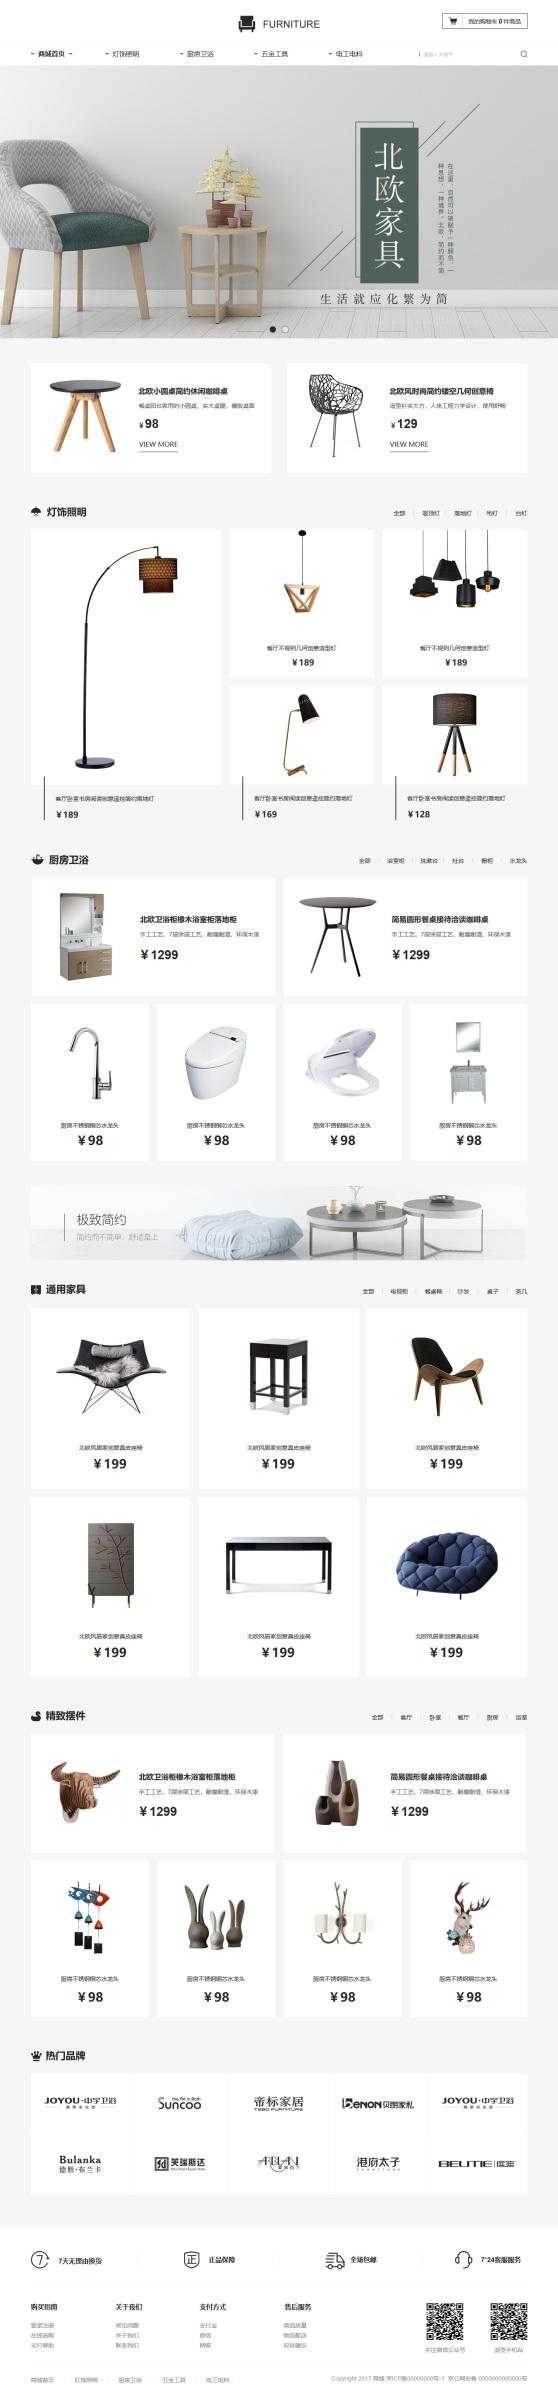 时尚家居家具在线商城模板